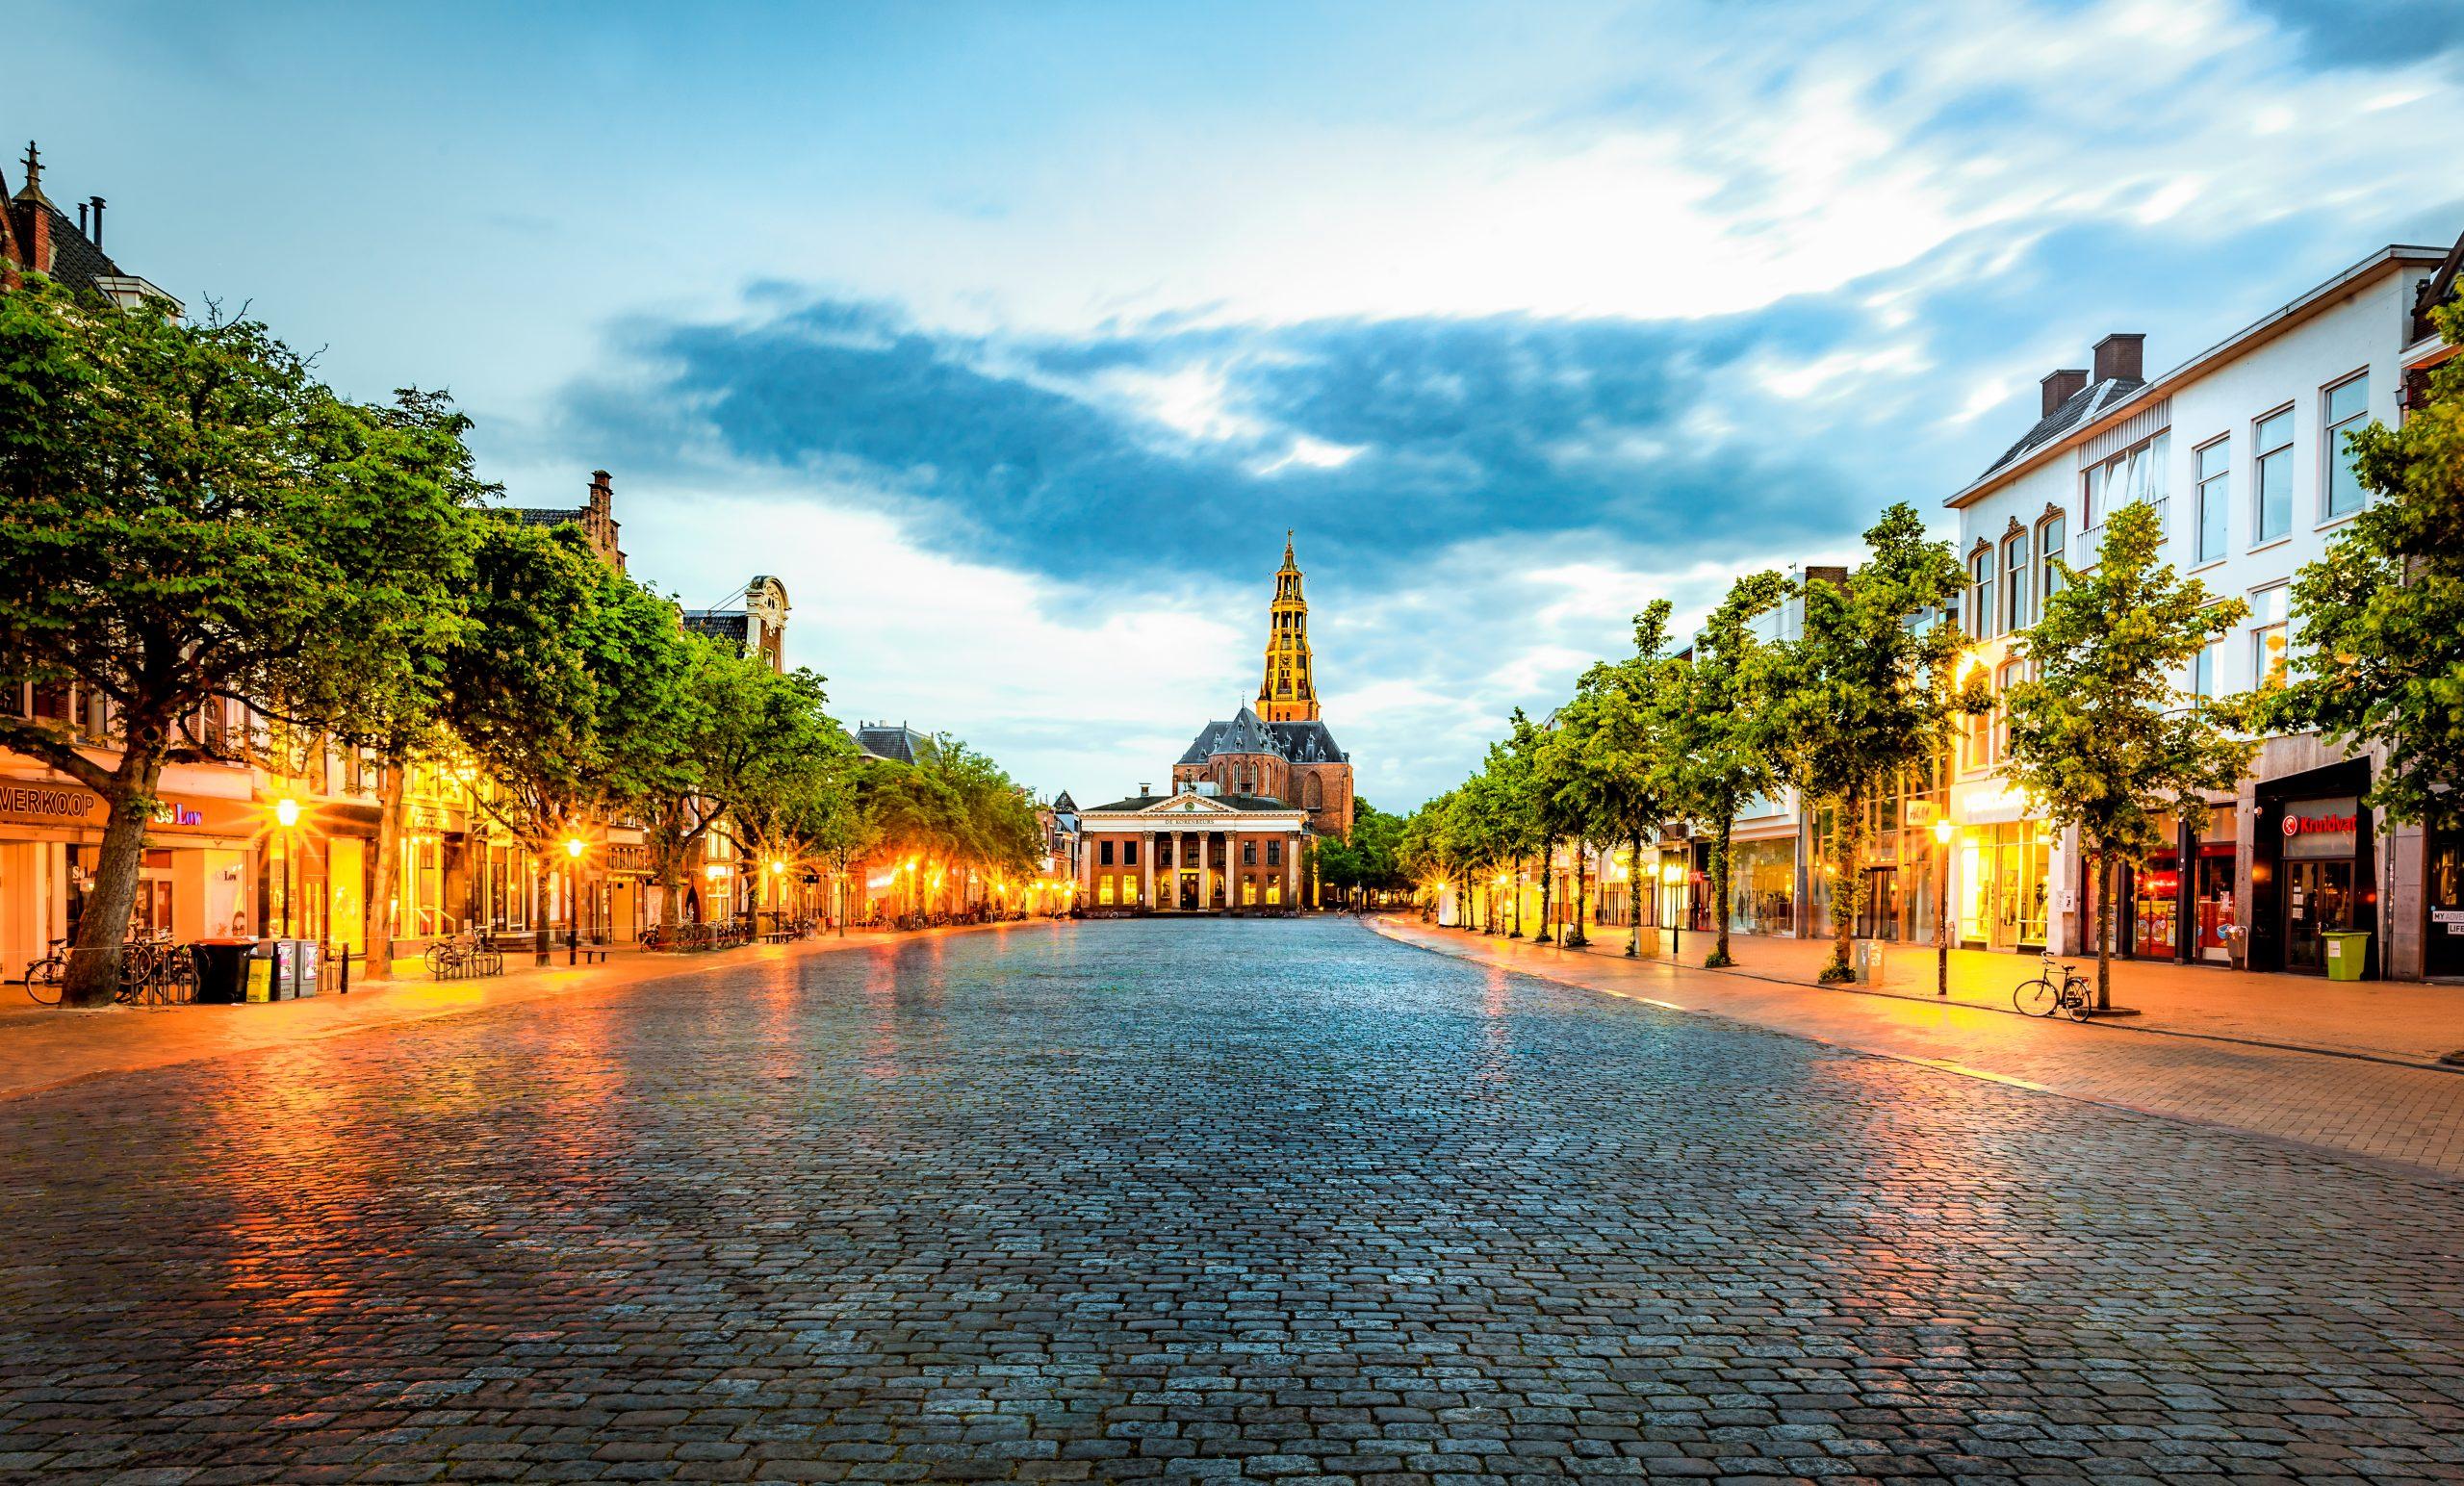 Unieke foto's van de Stad Groningen in hoge resolutie - © Done by Deon